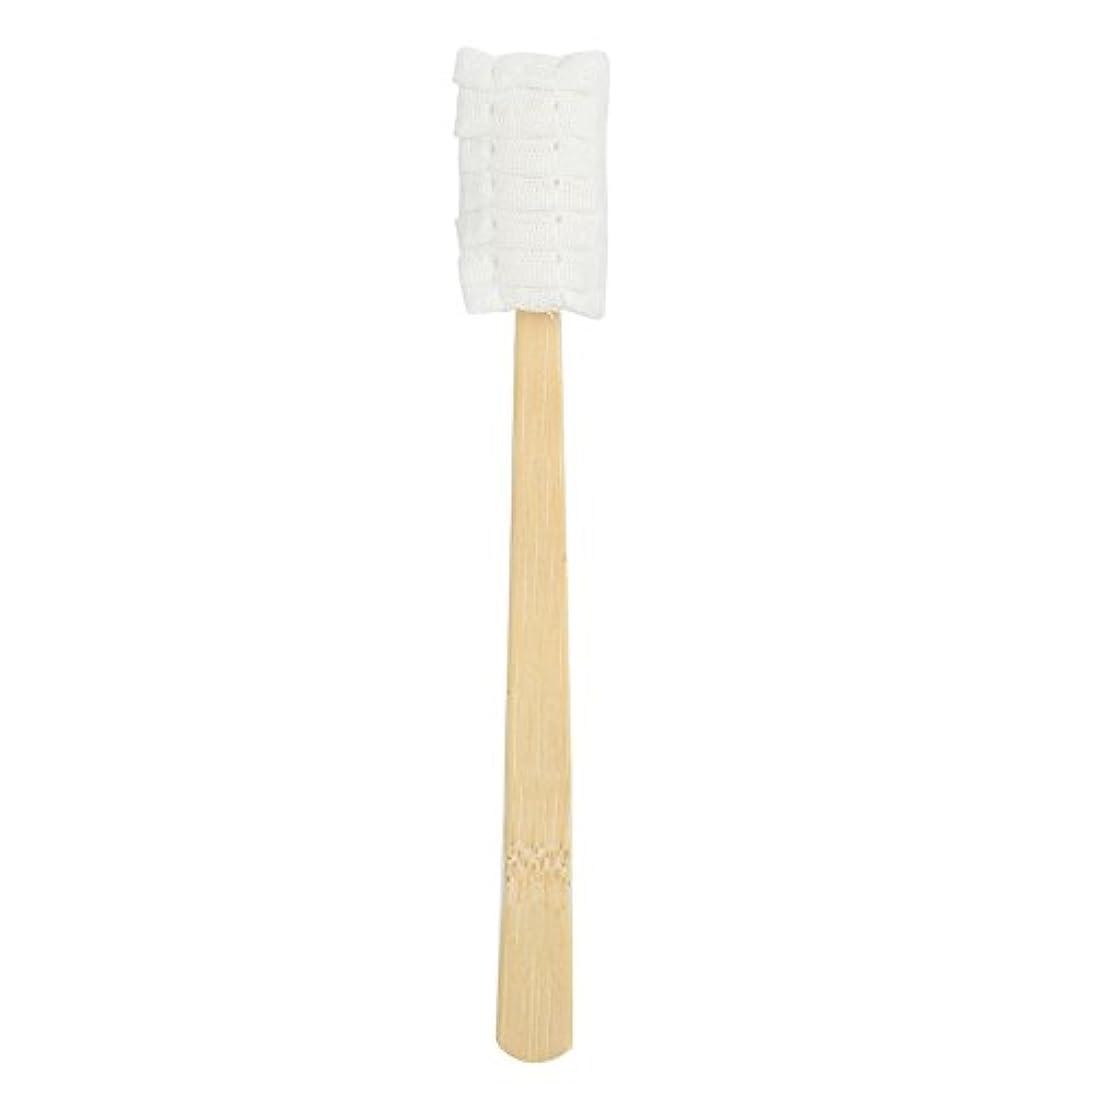 銅攻撃三角30pcs使い捨てマタニティソフトガーゼ歯ブラシ